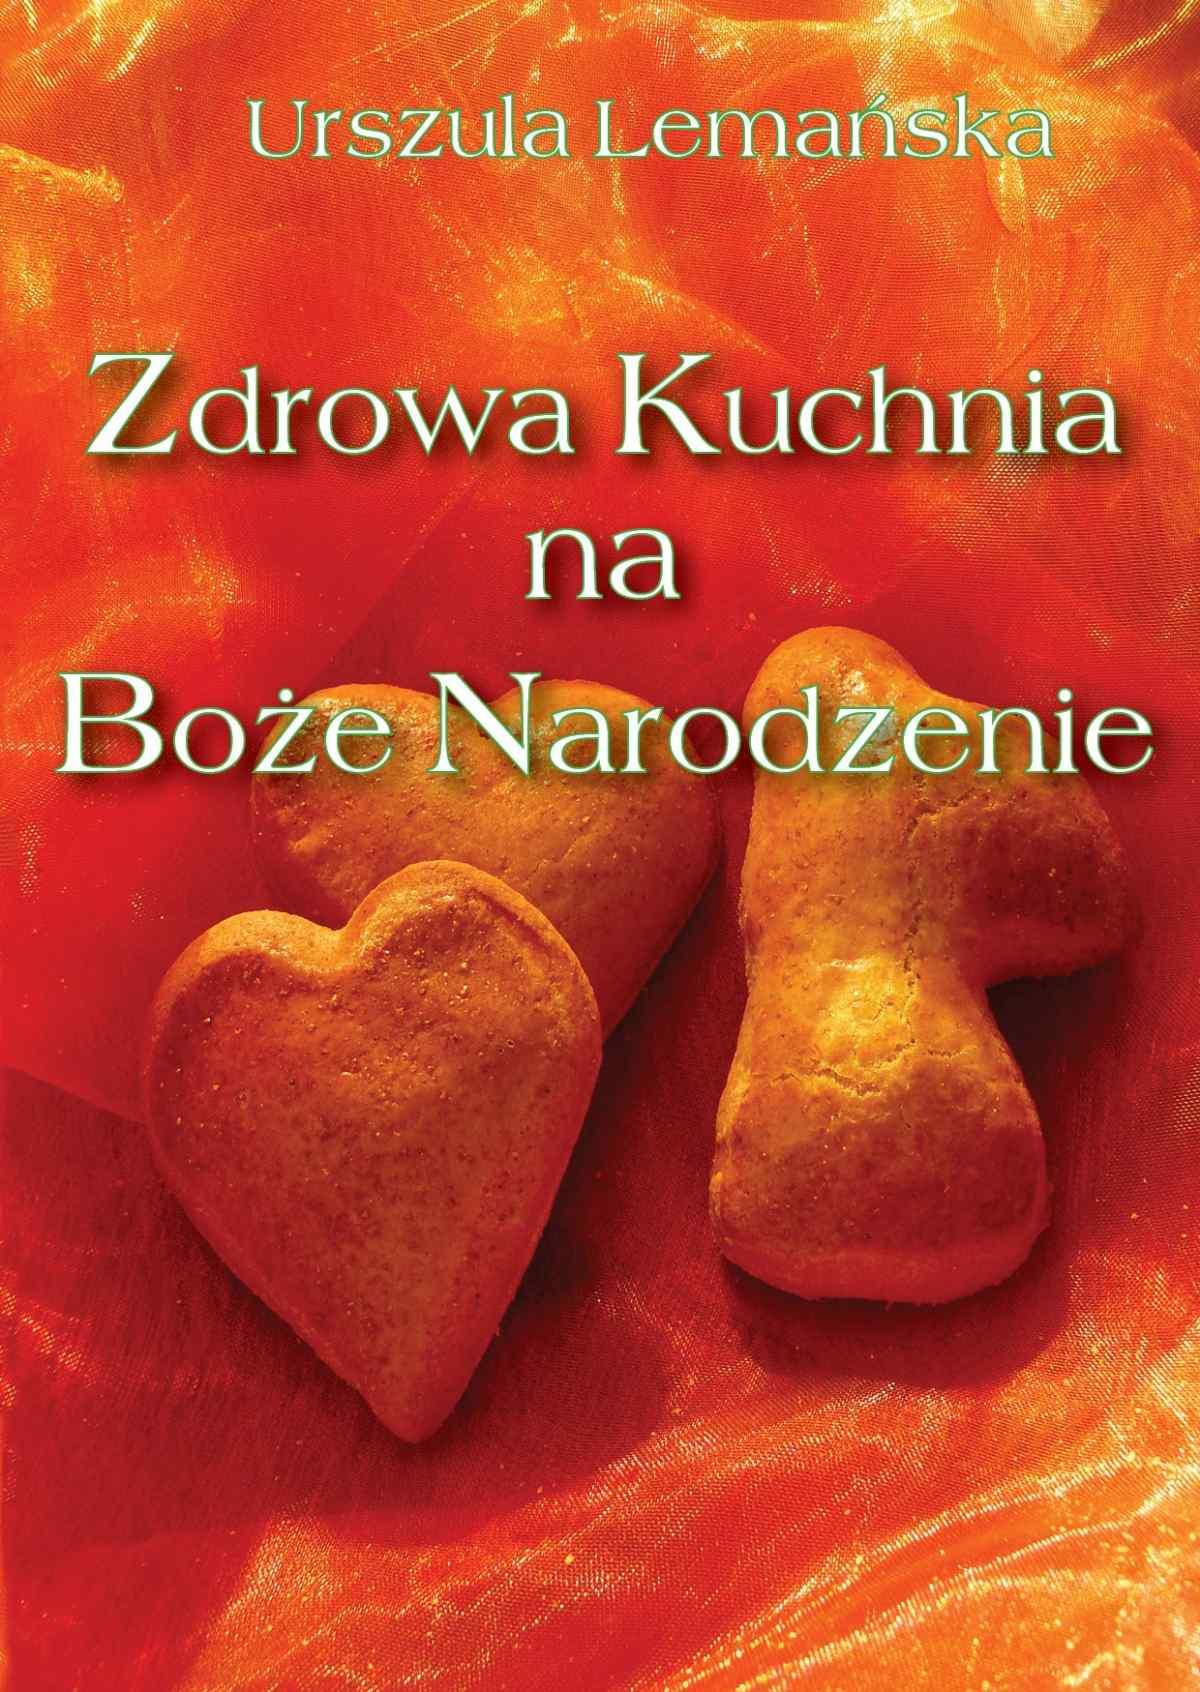 Zdrowa Kuchnia na Boże Narodzenie - Ebook (Książka PDF) do pobrania w formacie PDF